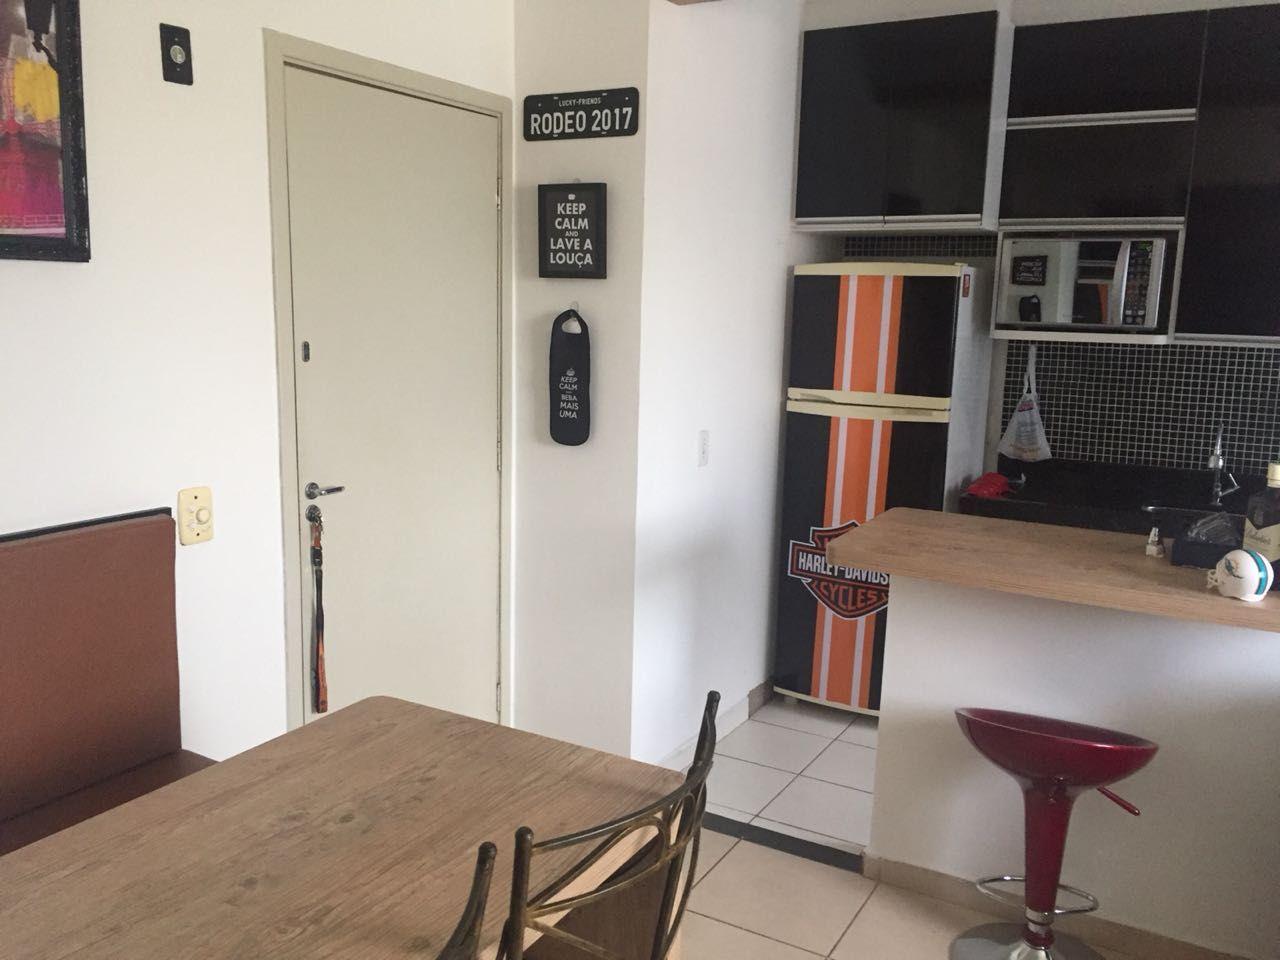 501 - Apto Sumarezinho 40 m²